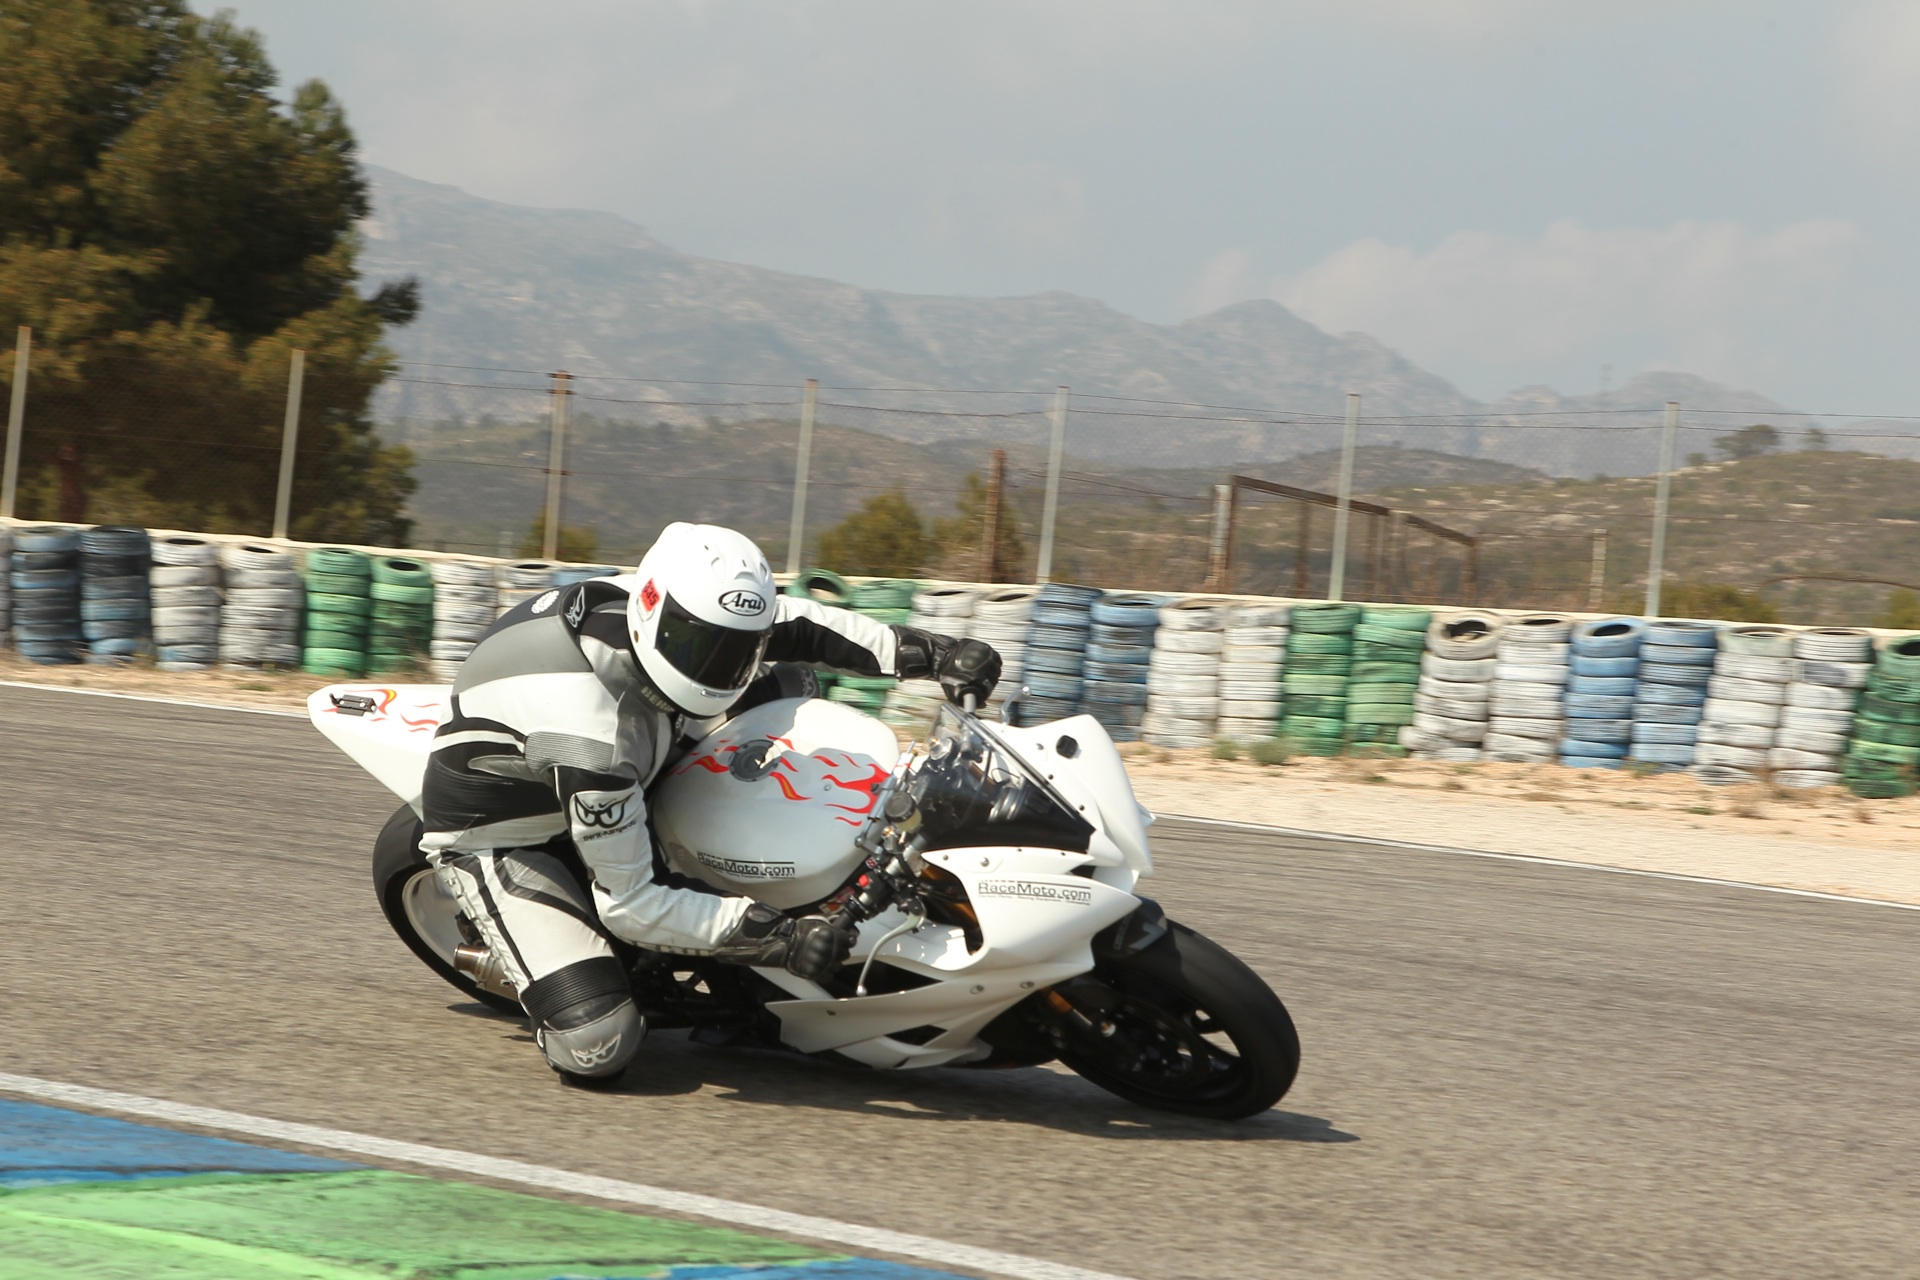 calafat_2012_racemoto_copyright_pixelrace_02